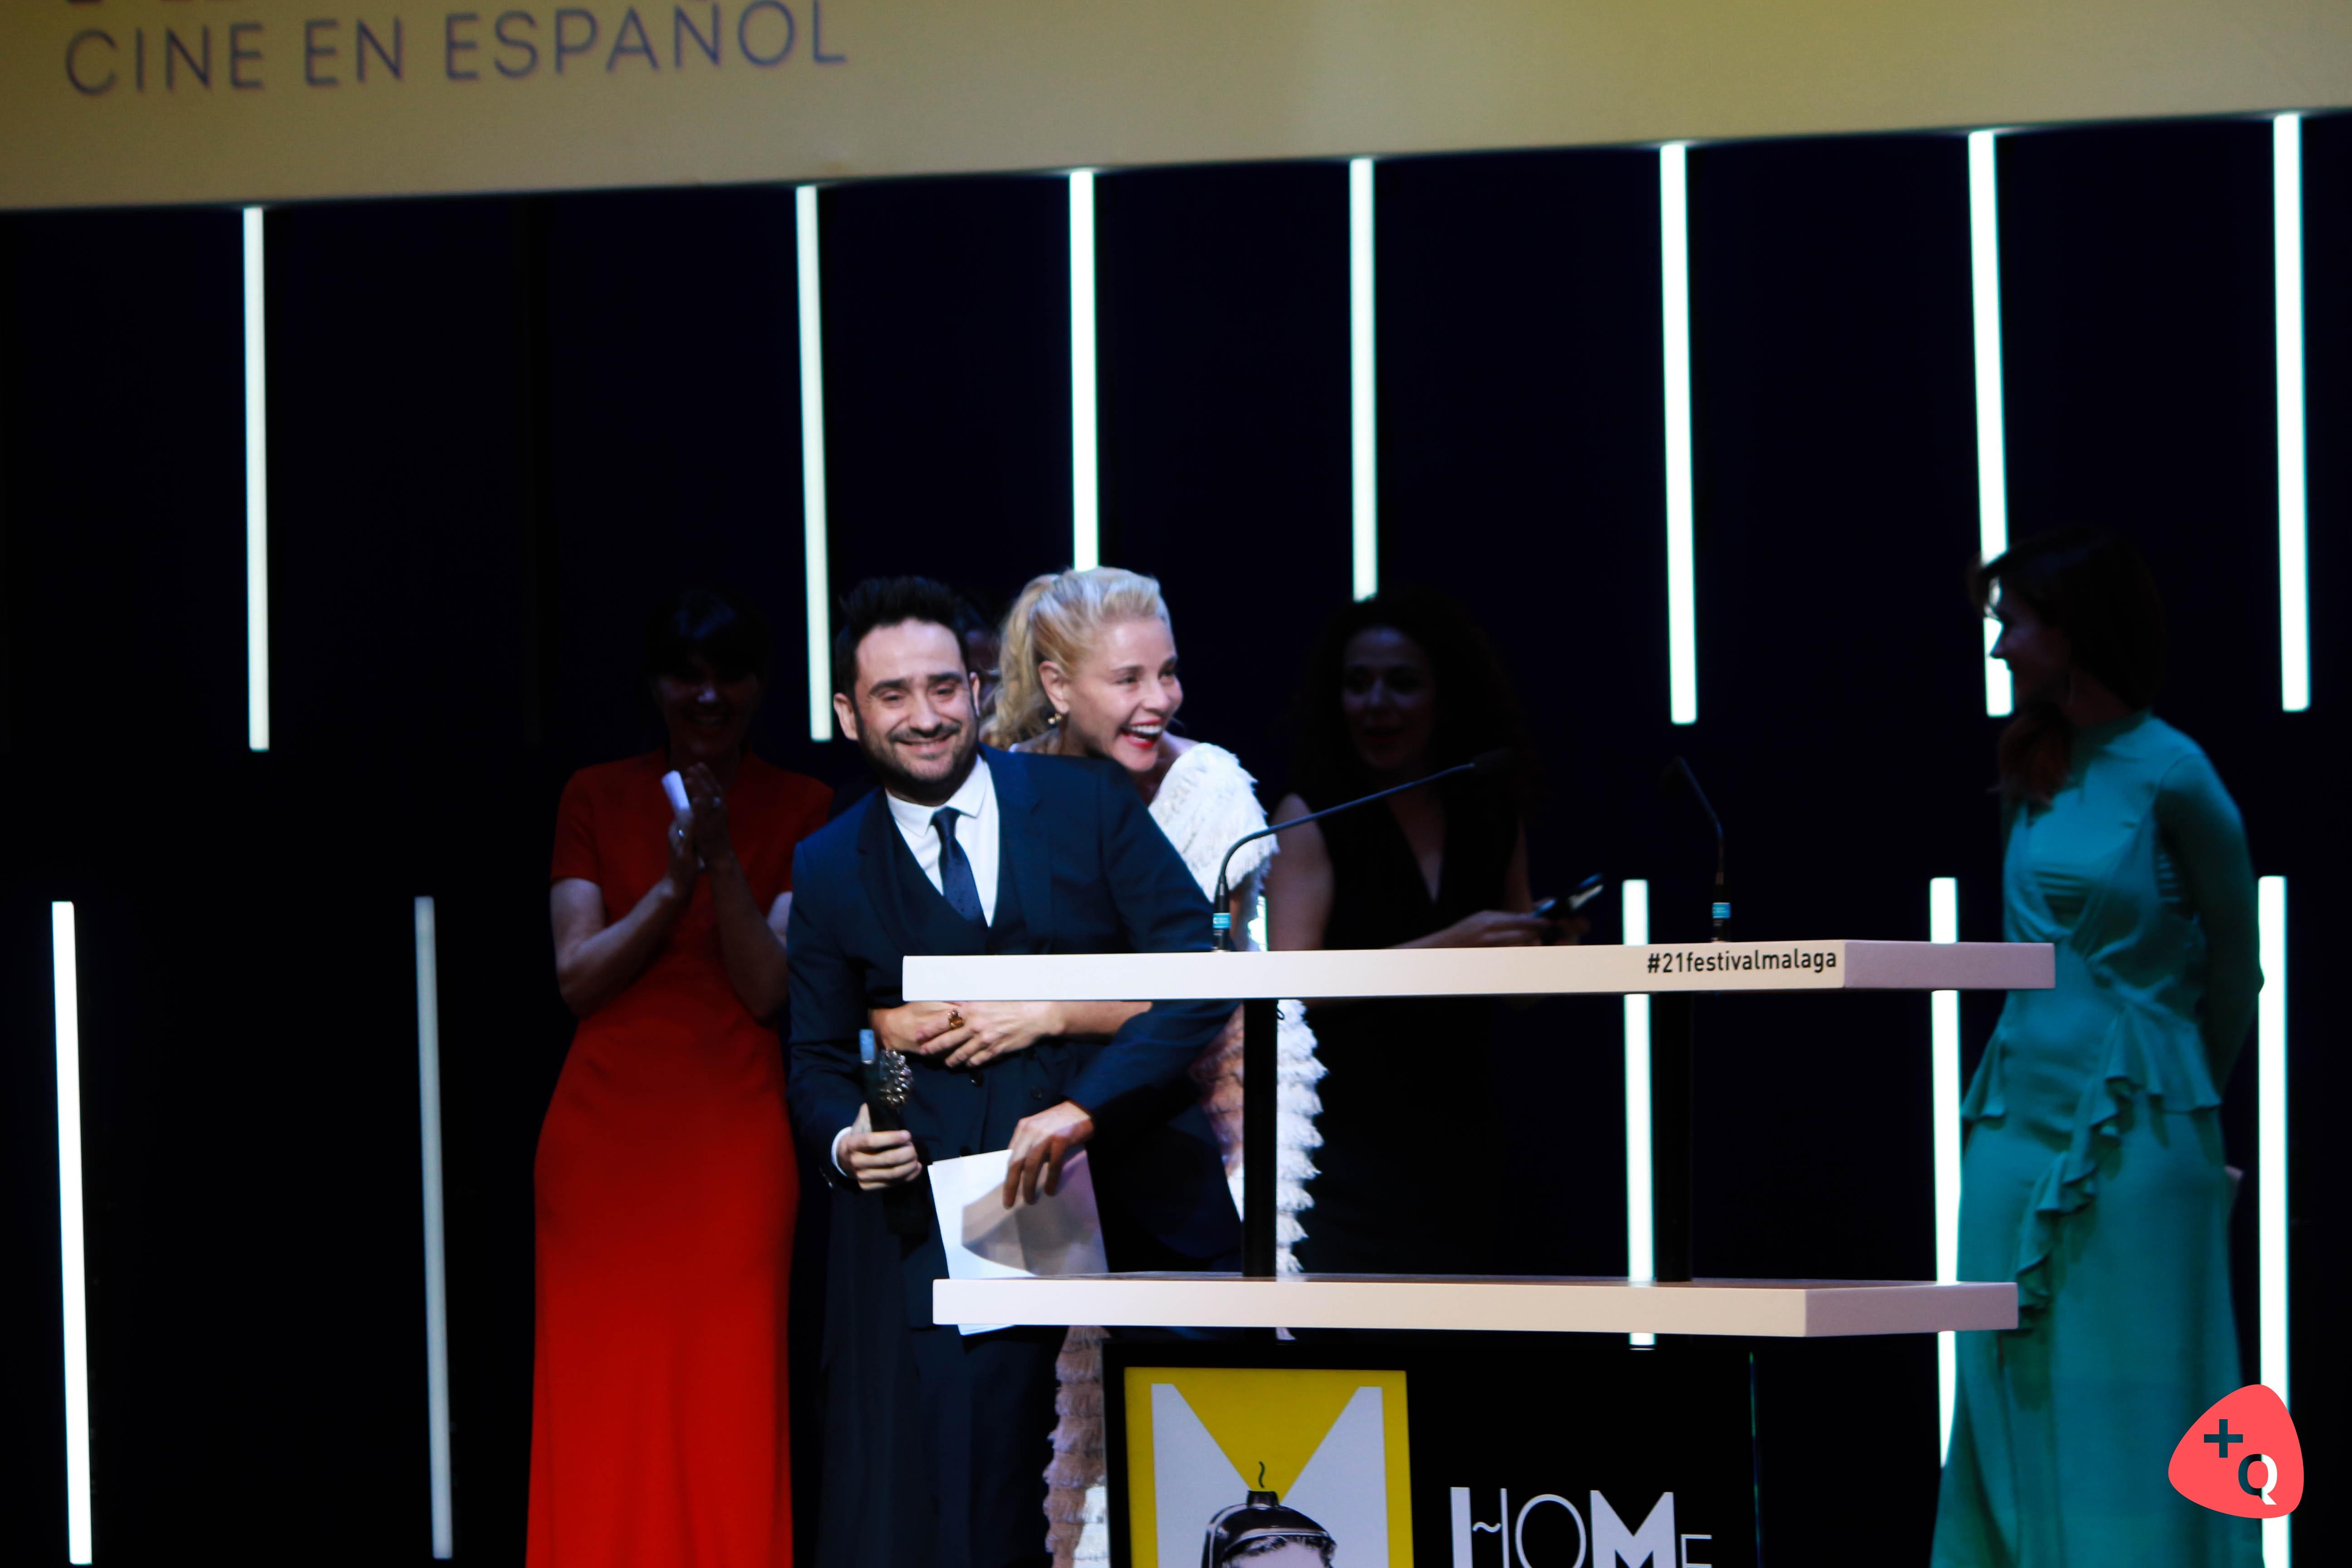 Juan Antonio Bayona y Belén Rueda (© 2018 Paloma Martos)